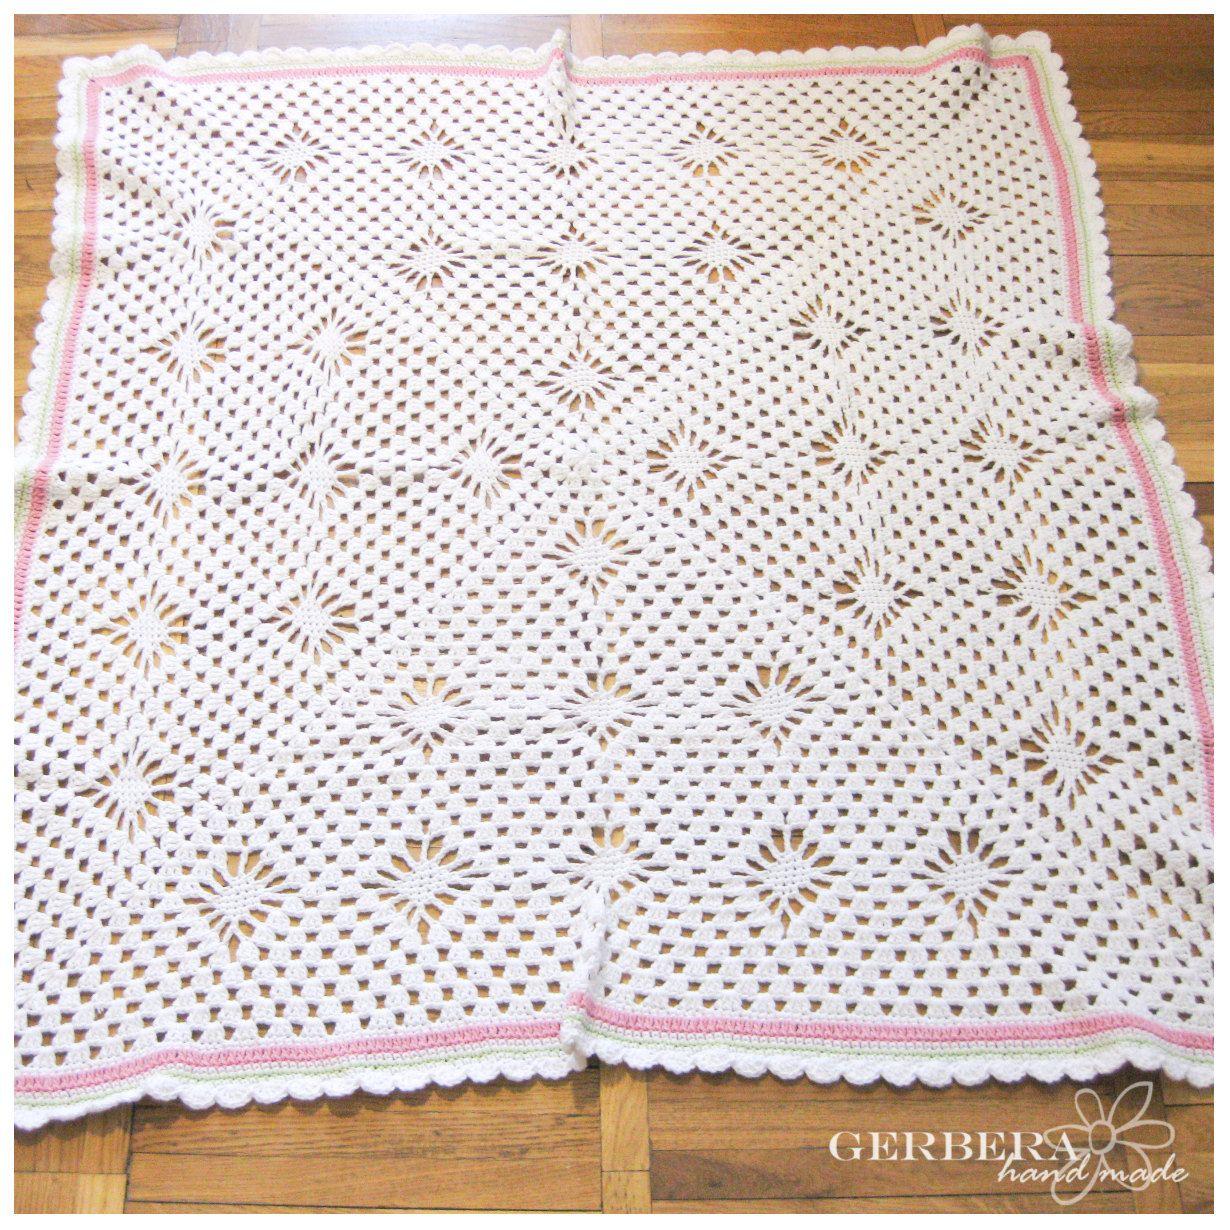 Crochet Baby Blanket Pattern granny square | Cobijitas bebe ...